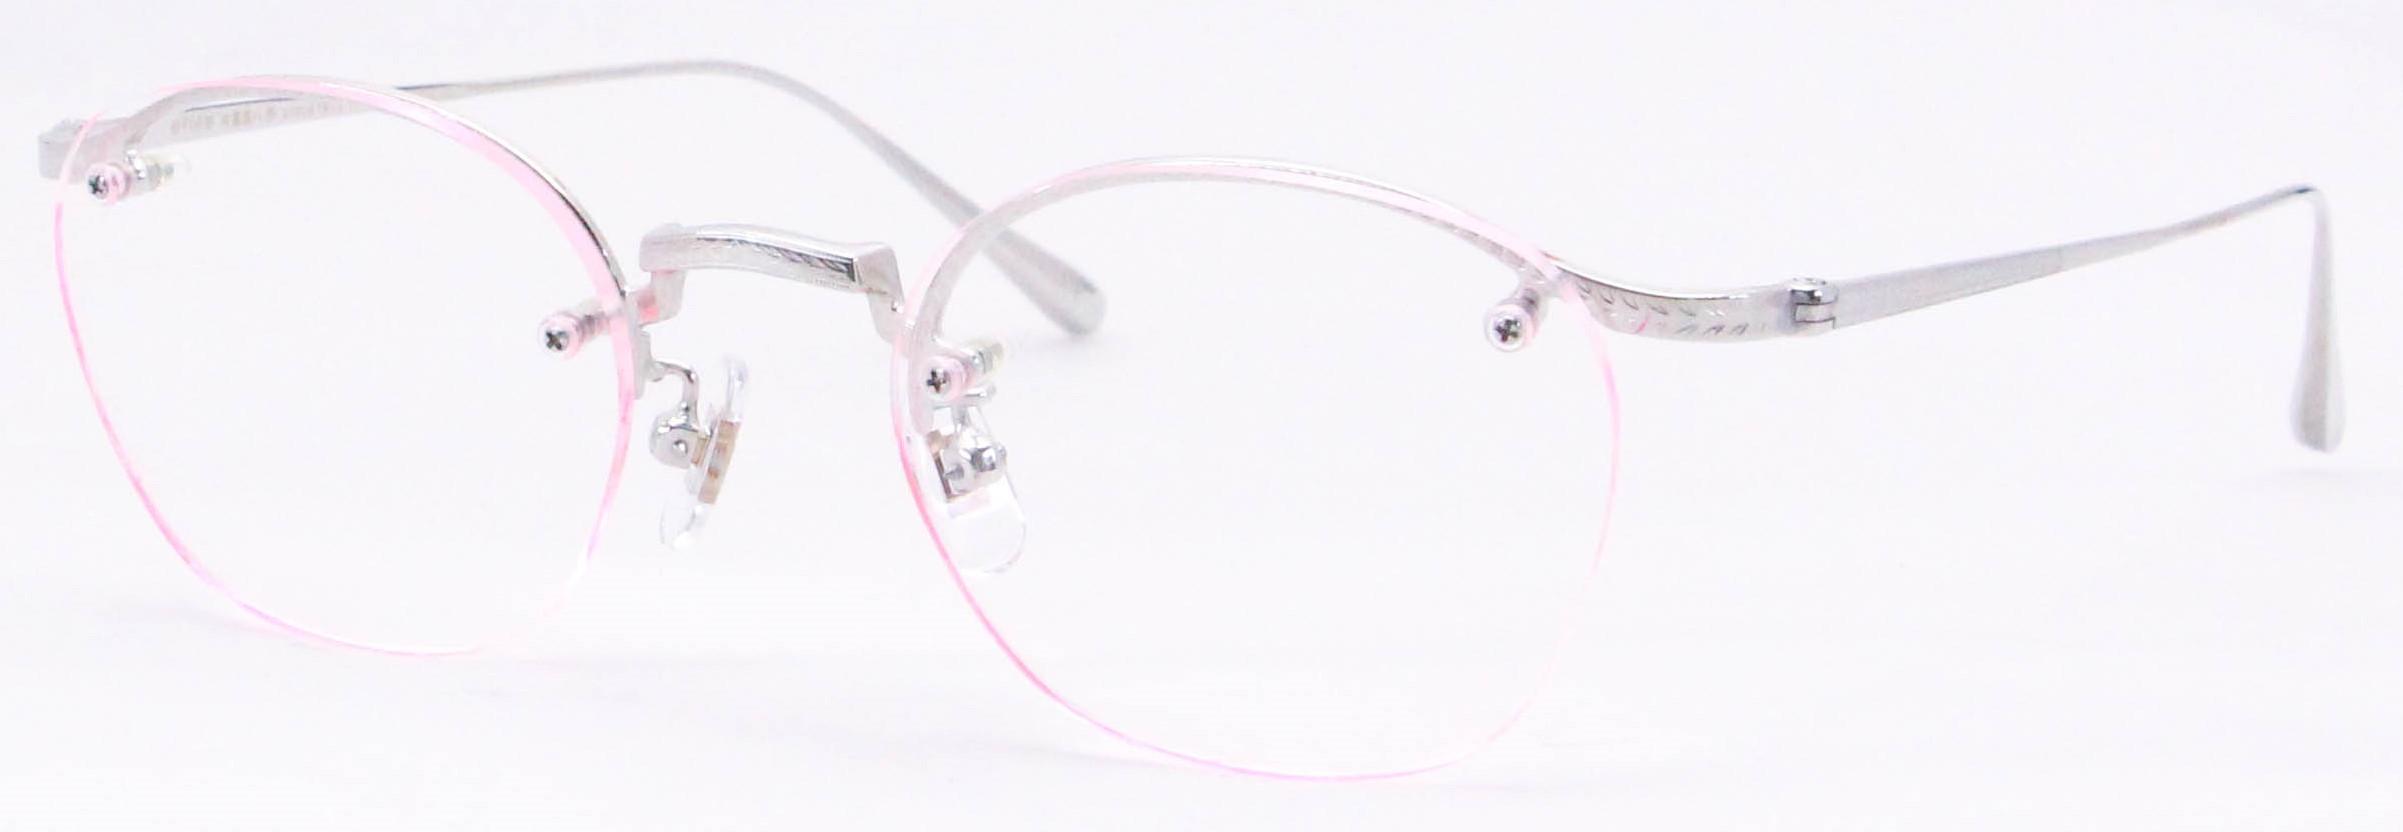 眼鏡のカラータイプC-2 Silver